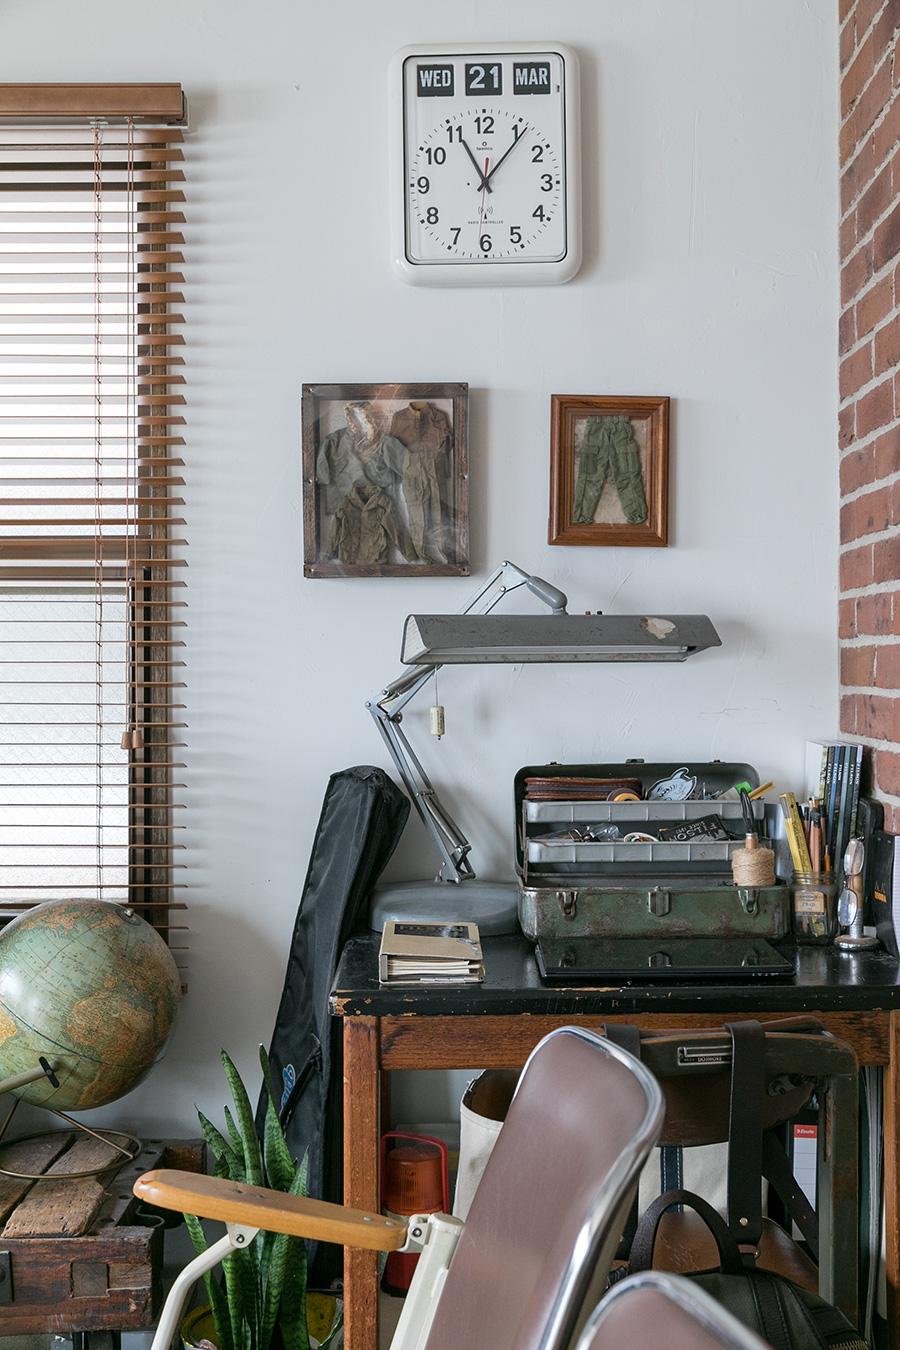 展示会などでディスプレイも担当するご主人。壁や机上の物の置き方もさすが。